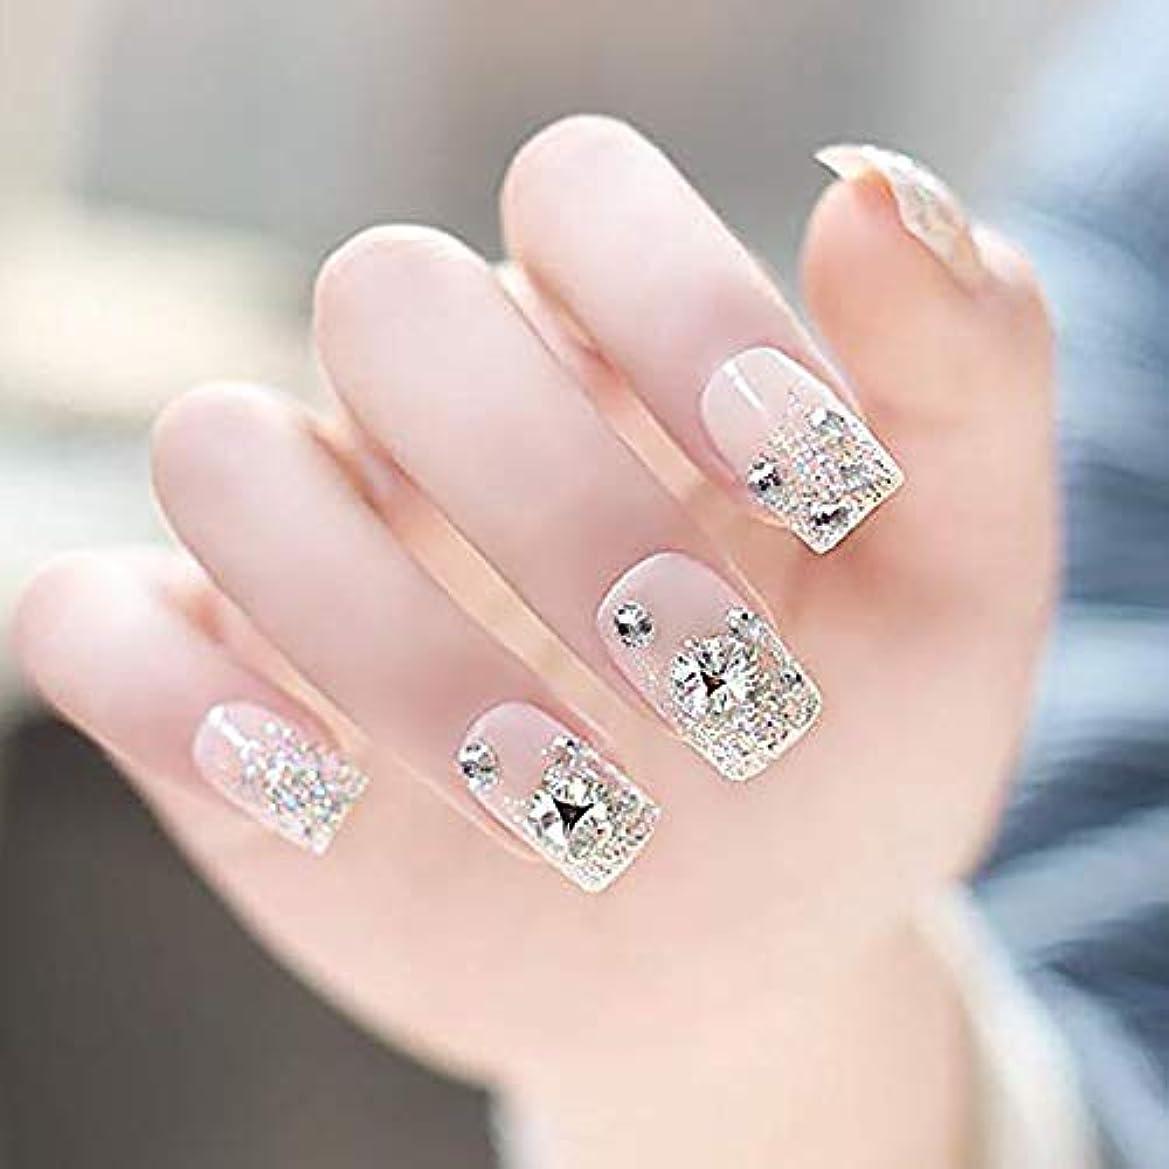 特派員メール販売員24 枚セット チップ つけ爪 付け爪 つけ方簡単 ネイル